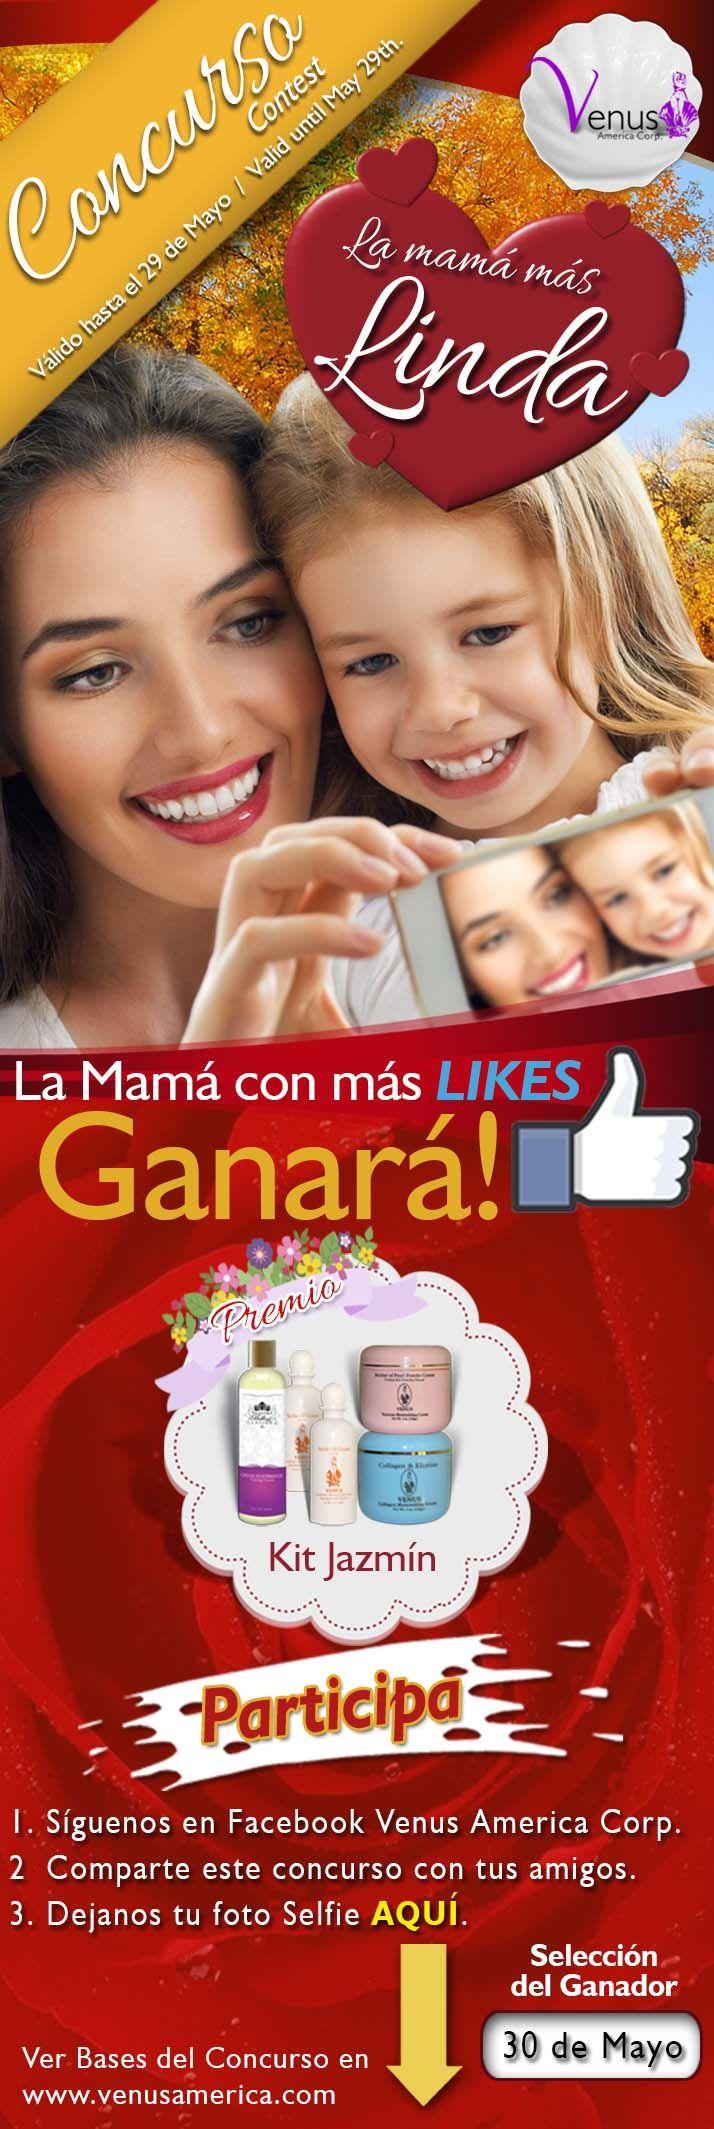 """¡No hay nadie más linda que tú! Venus America Corp. te invita a participar en nuestro concurso """"La mamá más linda"""" Más información en http://www.venusamerica.com"""